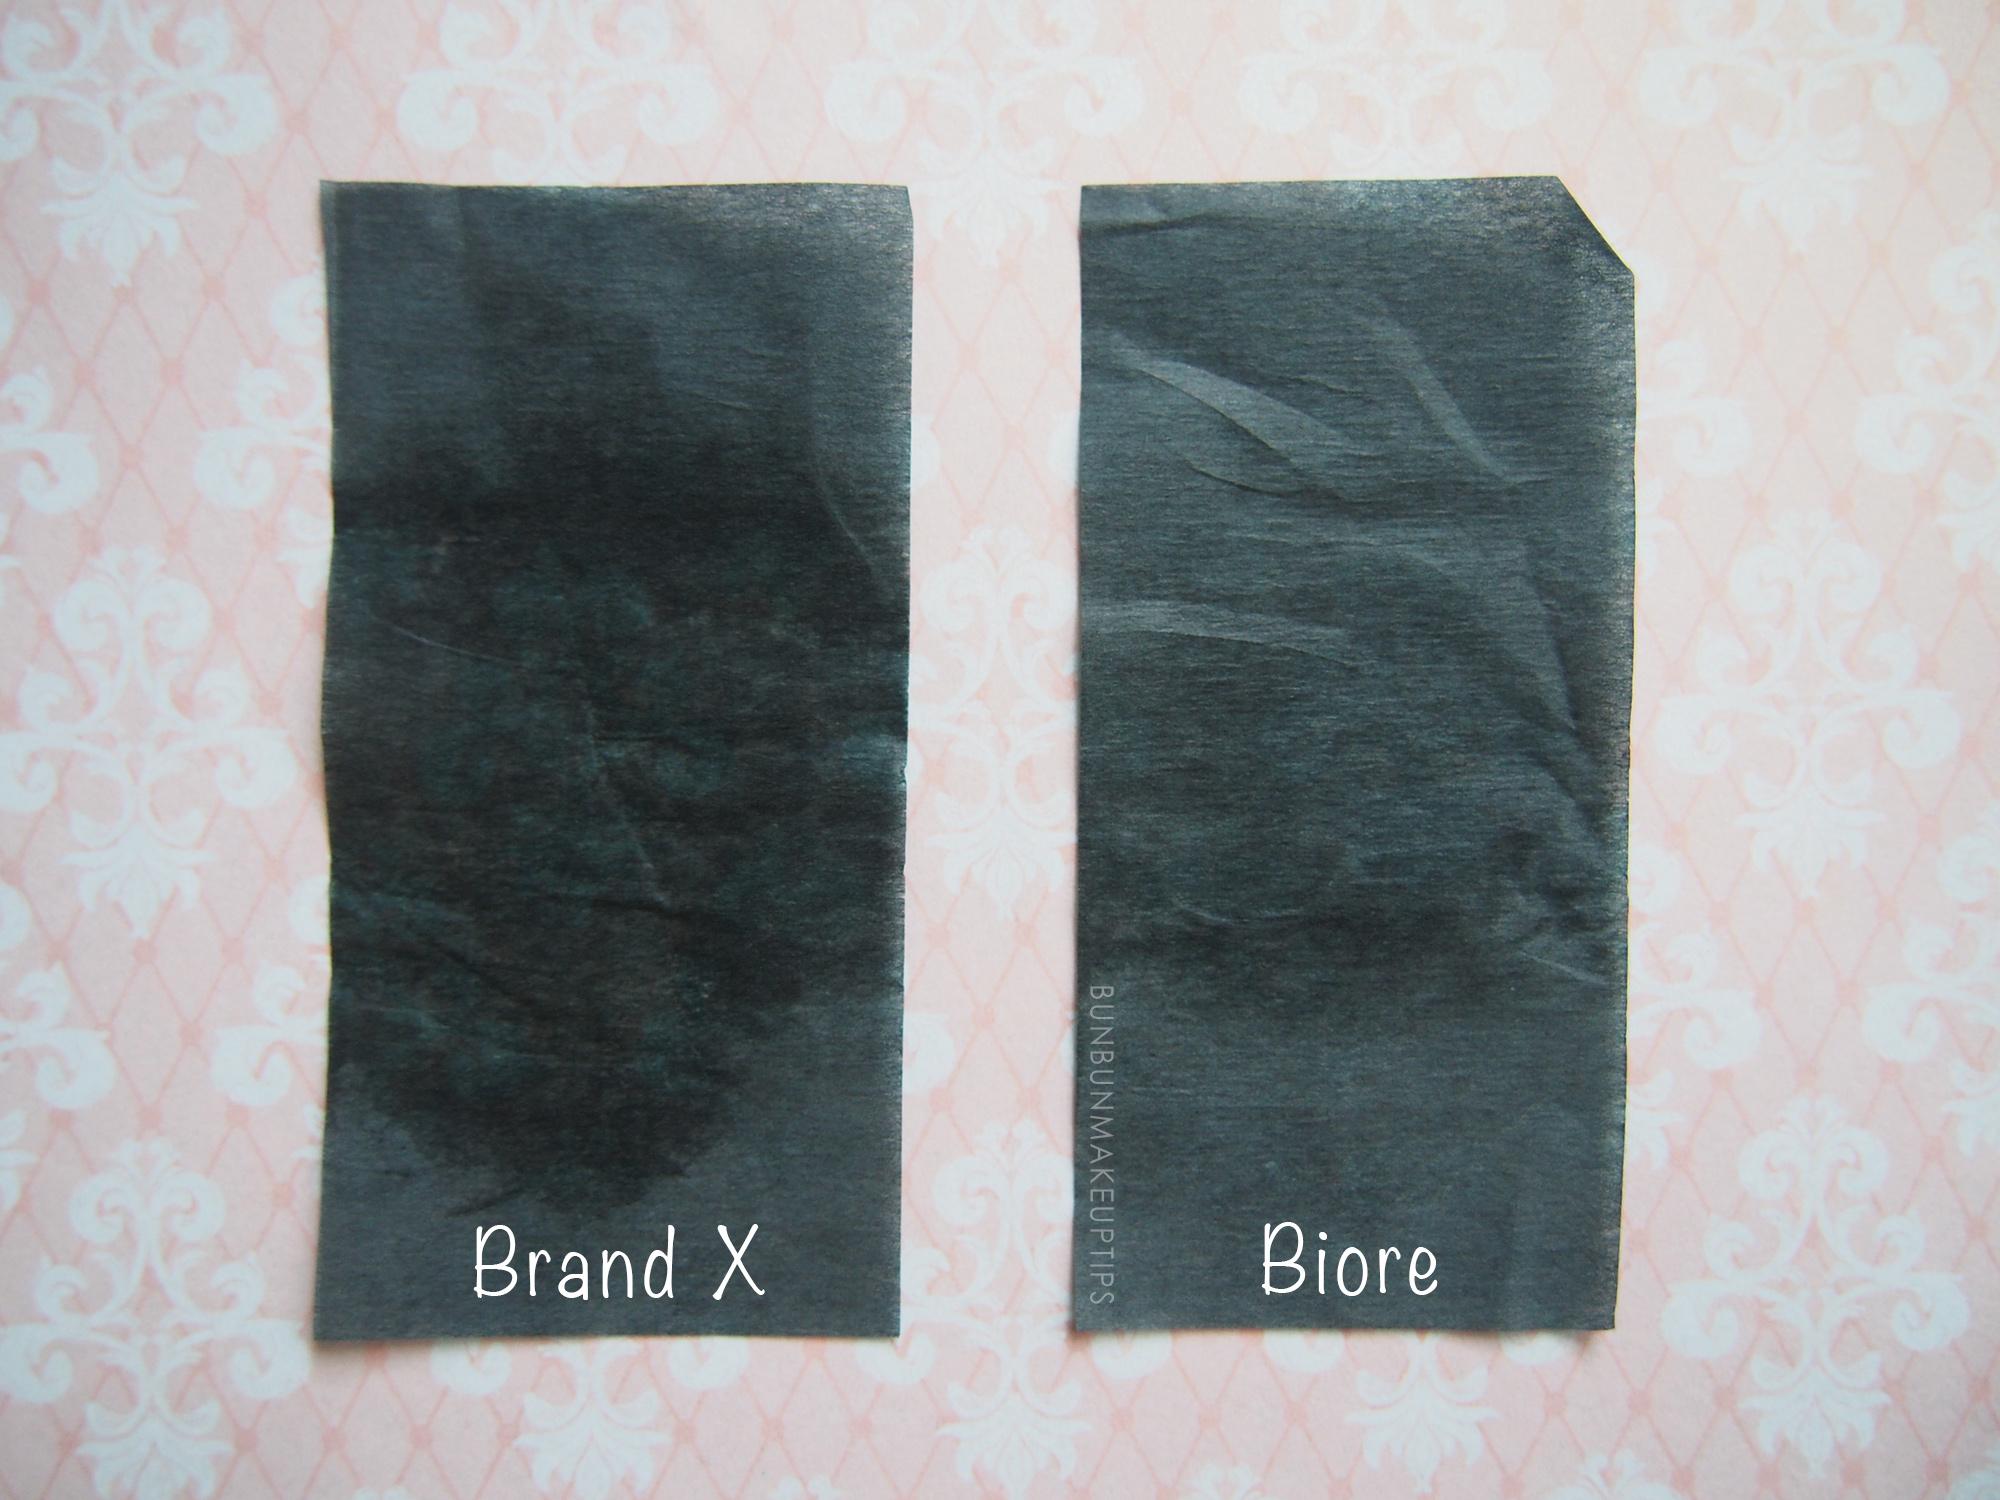 Biore-UV-Aqua-Rich-Watery-Gel-Sunscreen-Swatch-Comparison_4